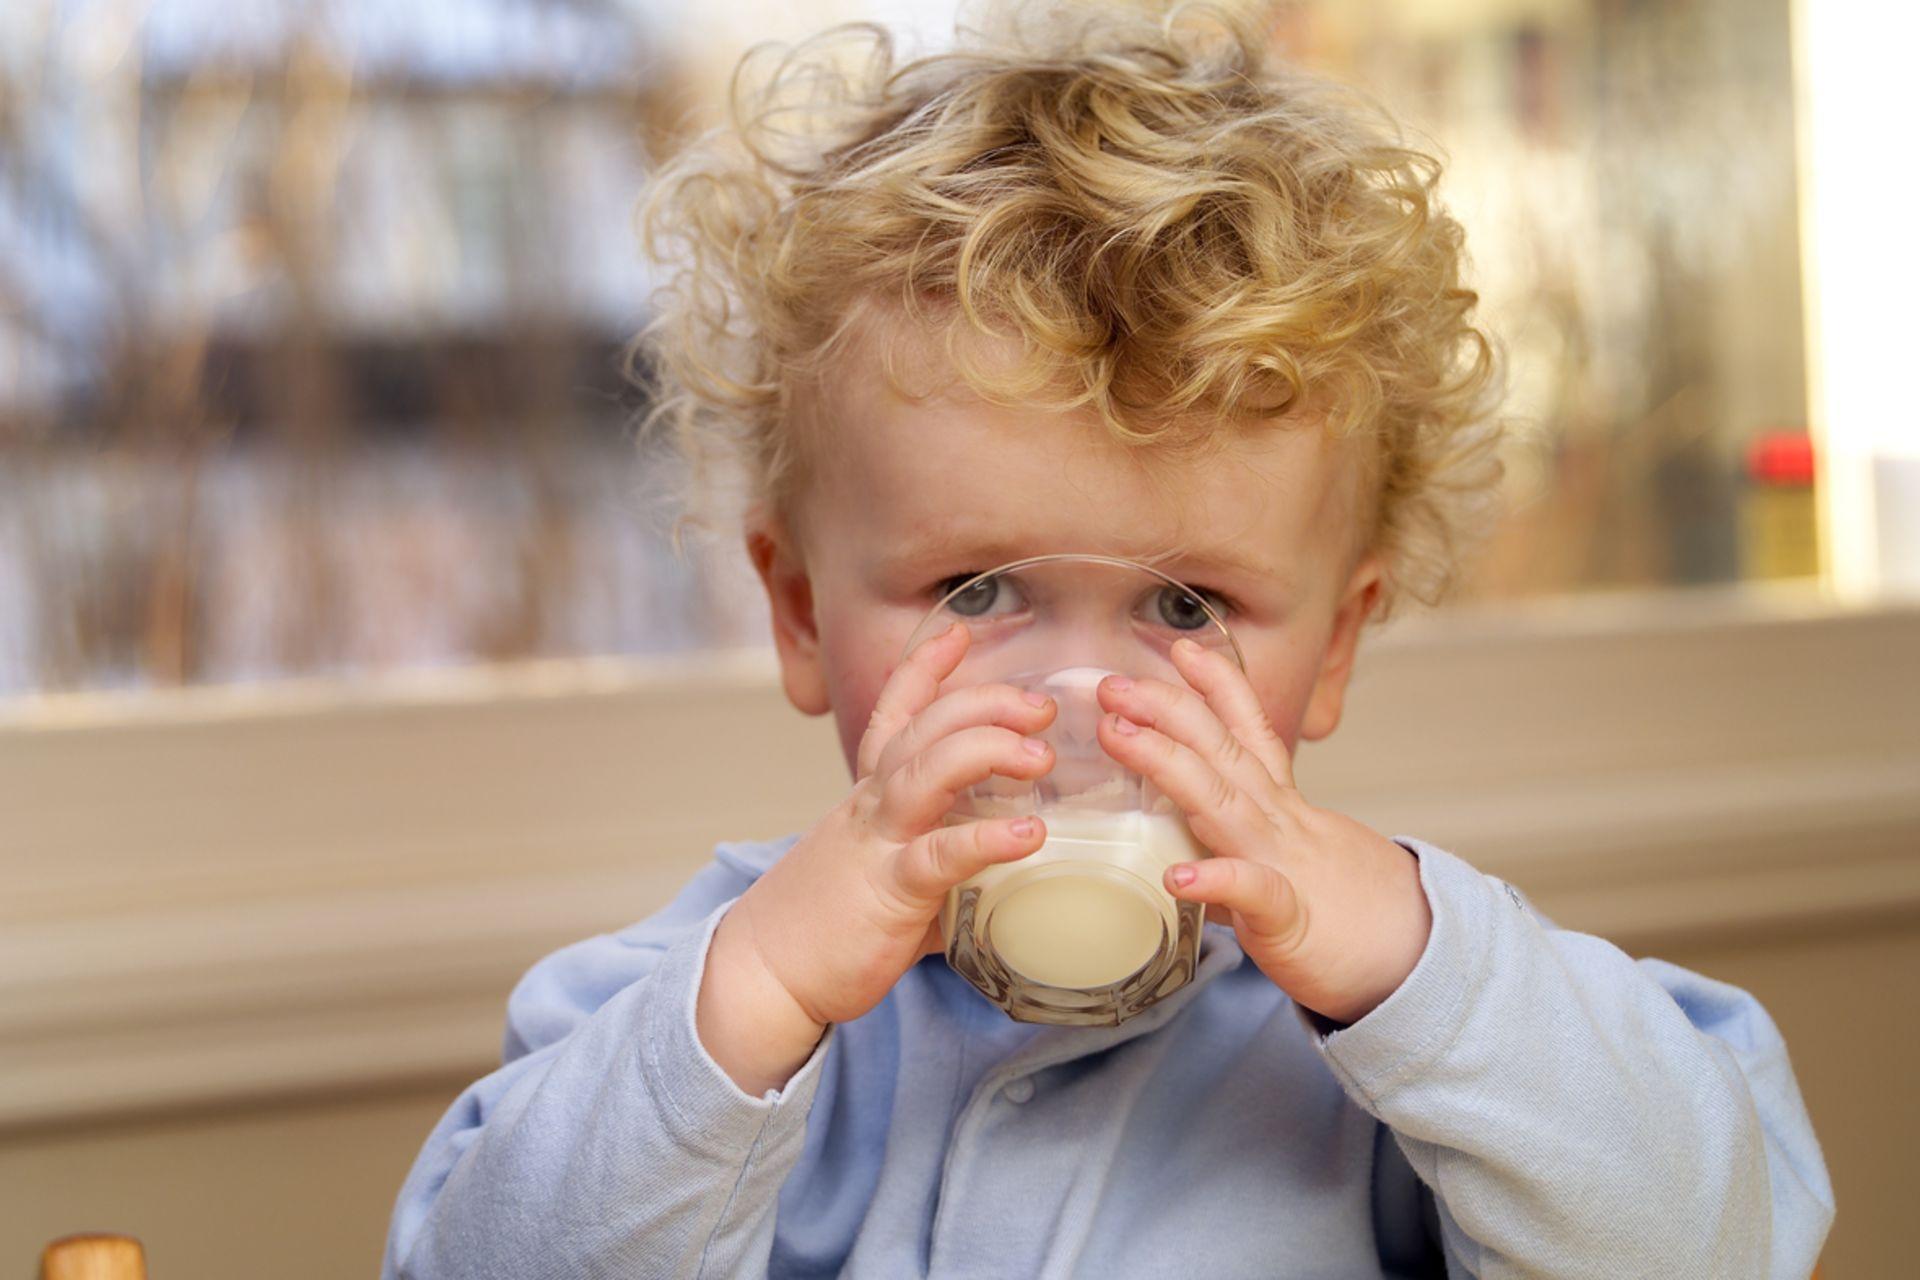 558957e4 Når skal barn begynne å drikke melk?